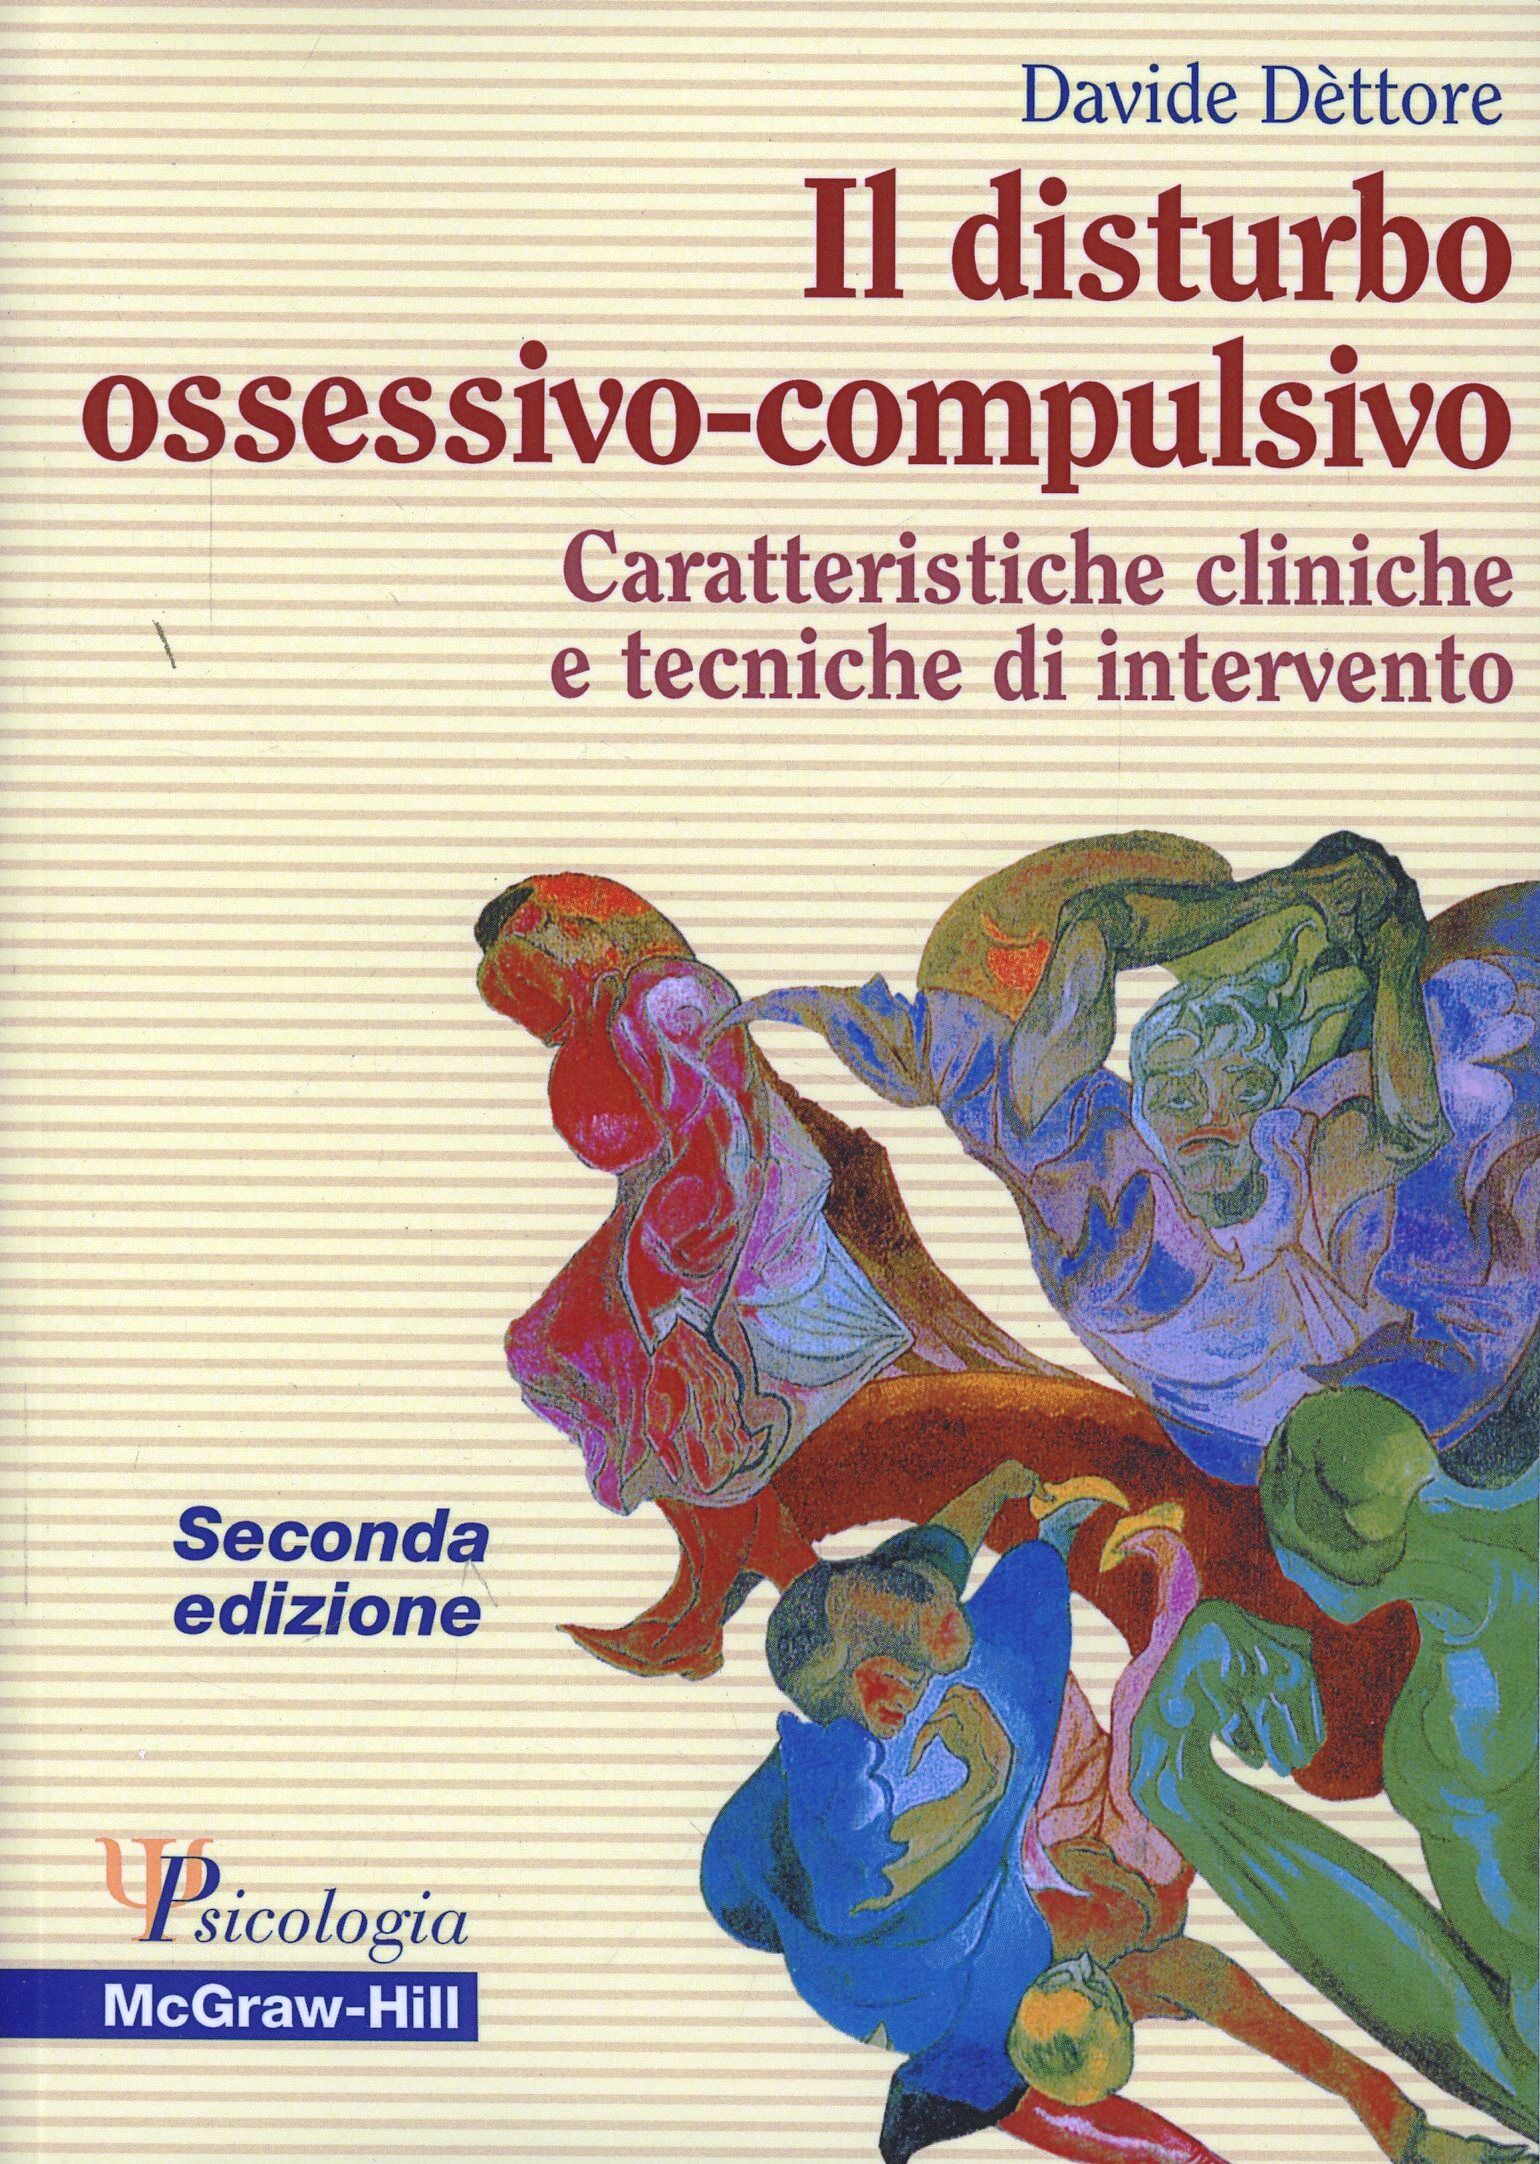 Il disturbo ossessivo-compulsivo. Caratteristiche cliniche e tecniche di intervento